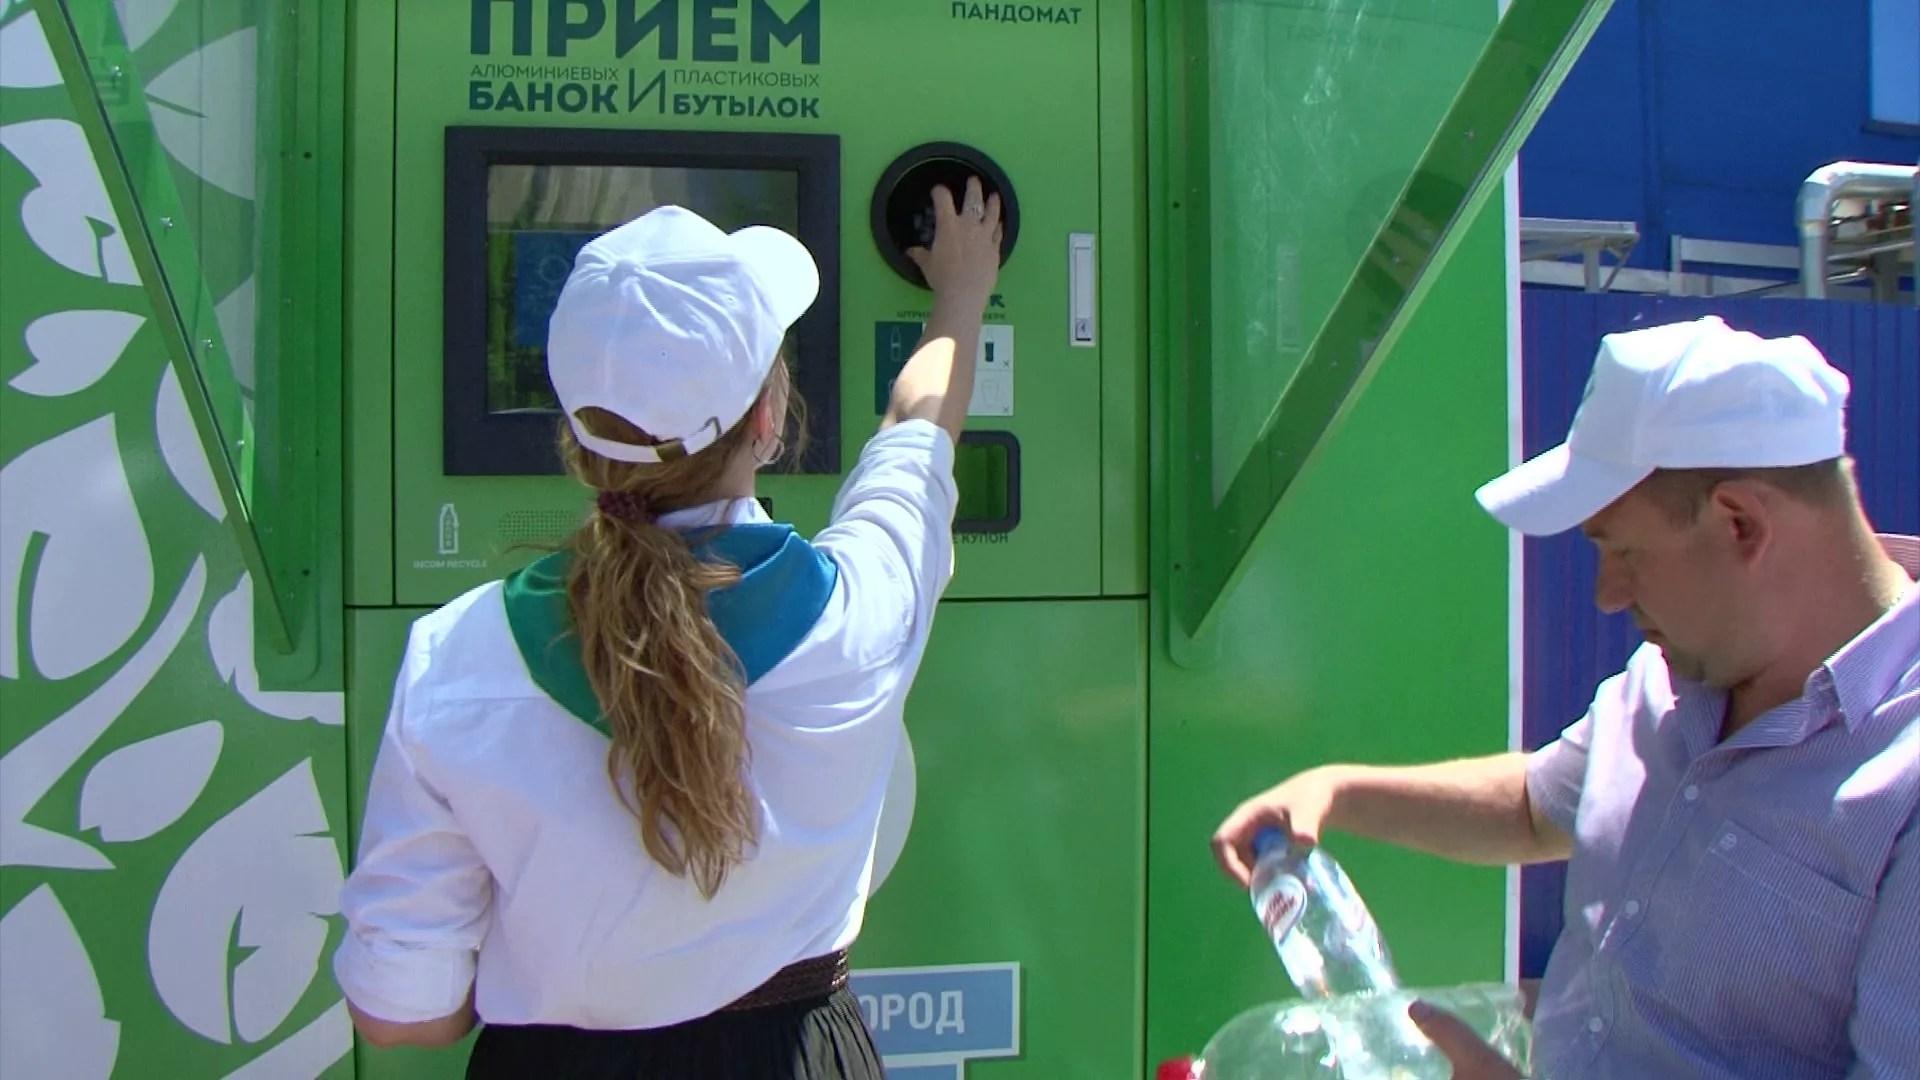 В Белгороде установили первый в России пандомат на солнечных батареях